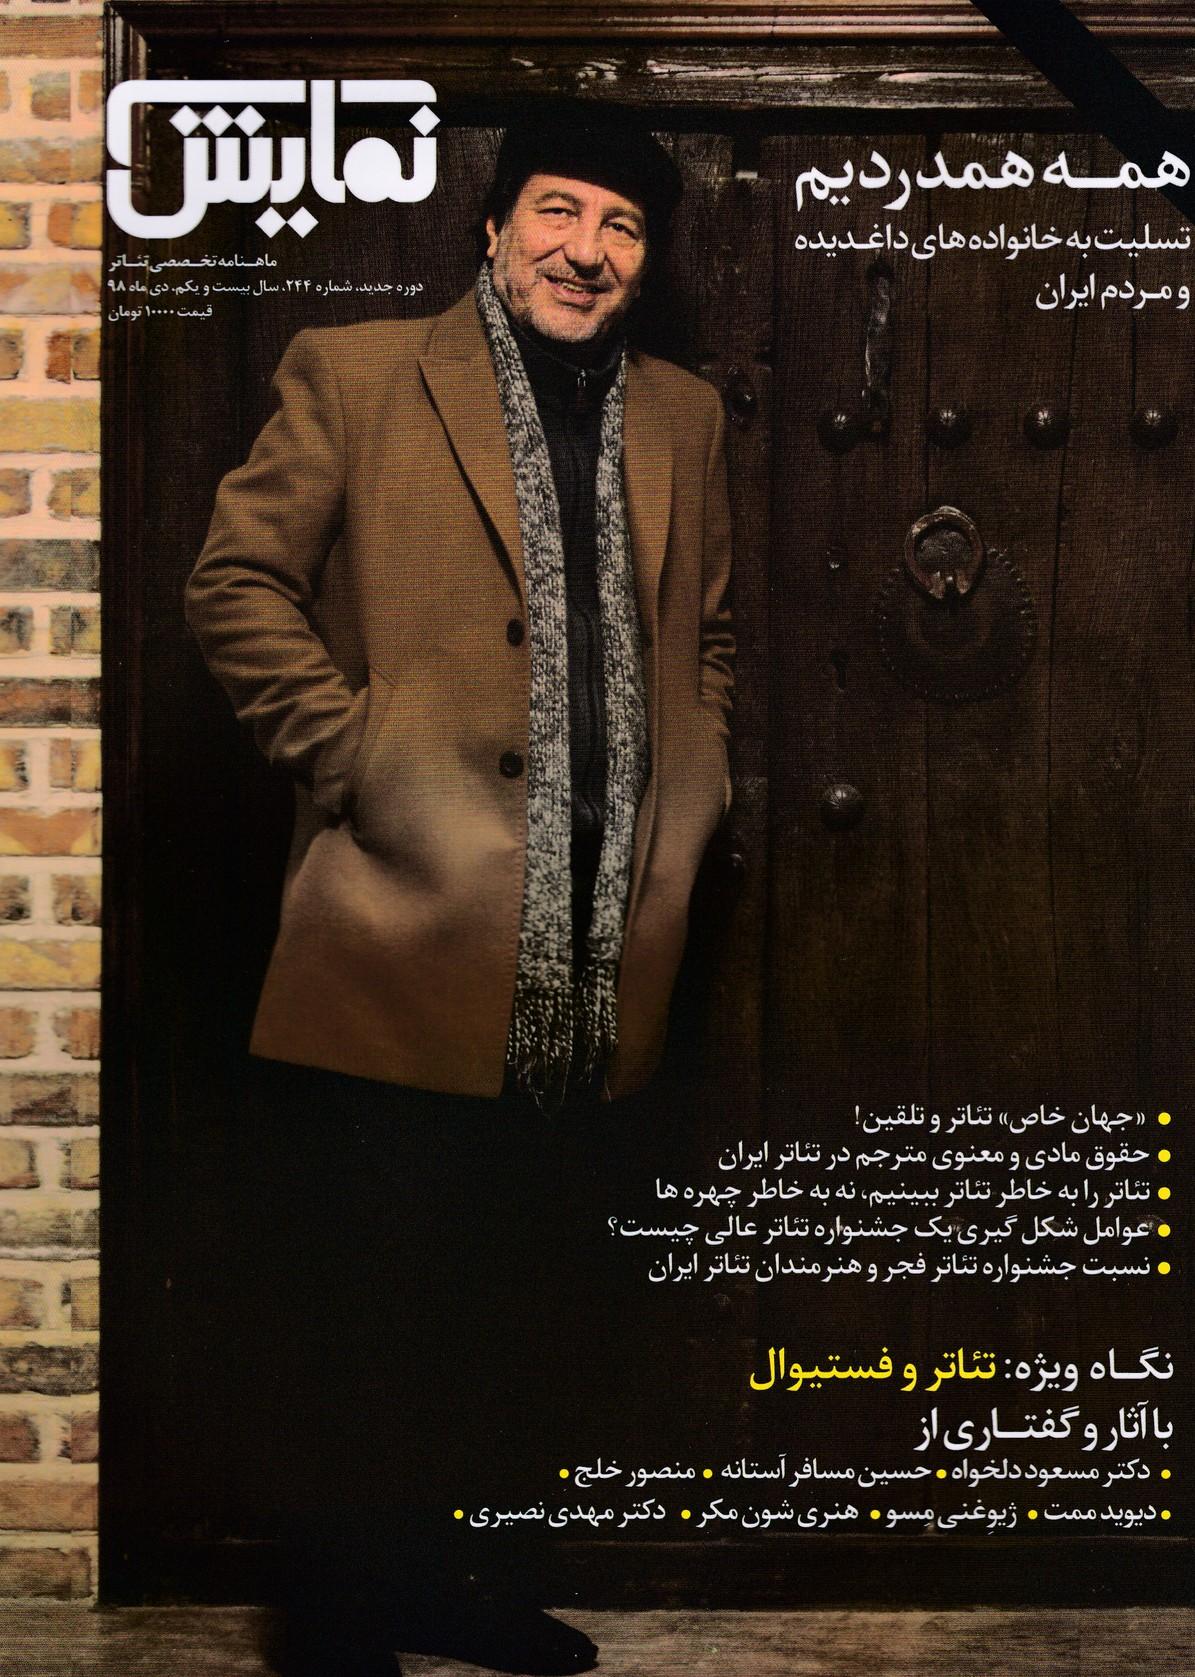 مجله نمایش (244) - دی 98 - نگاه ویژه : تئاتر و فستیوال